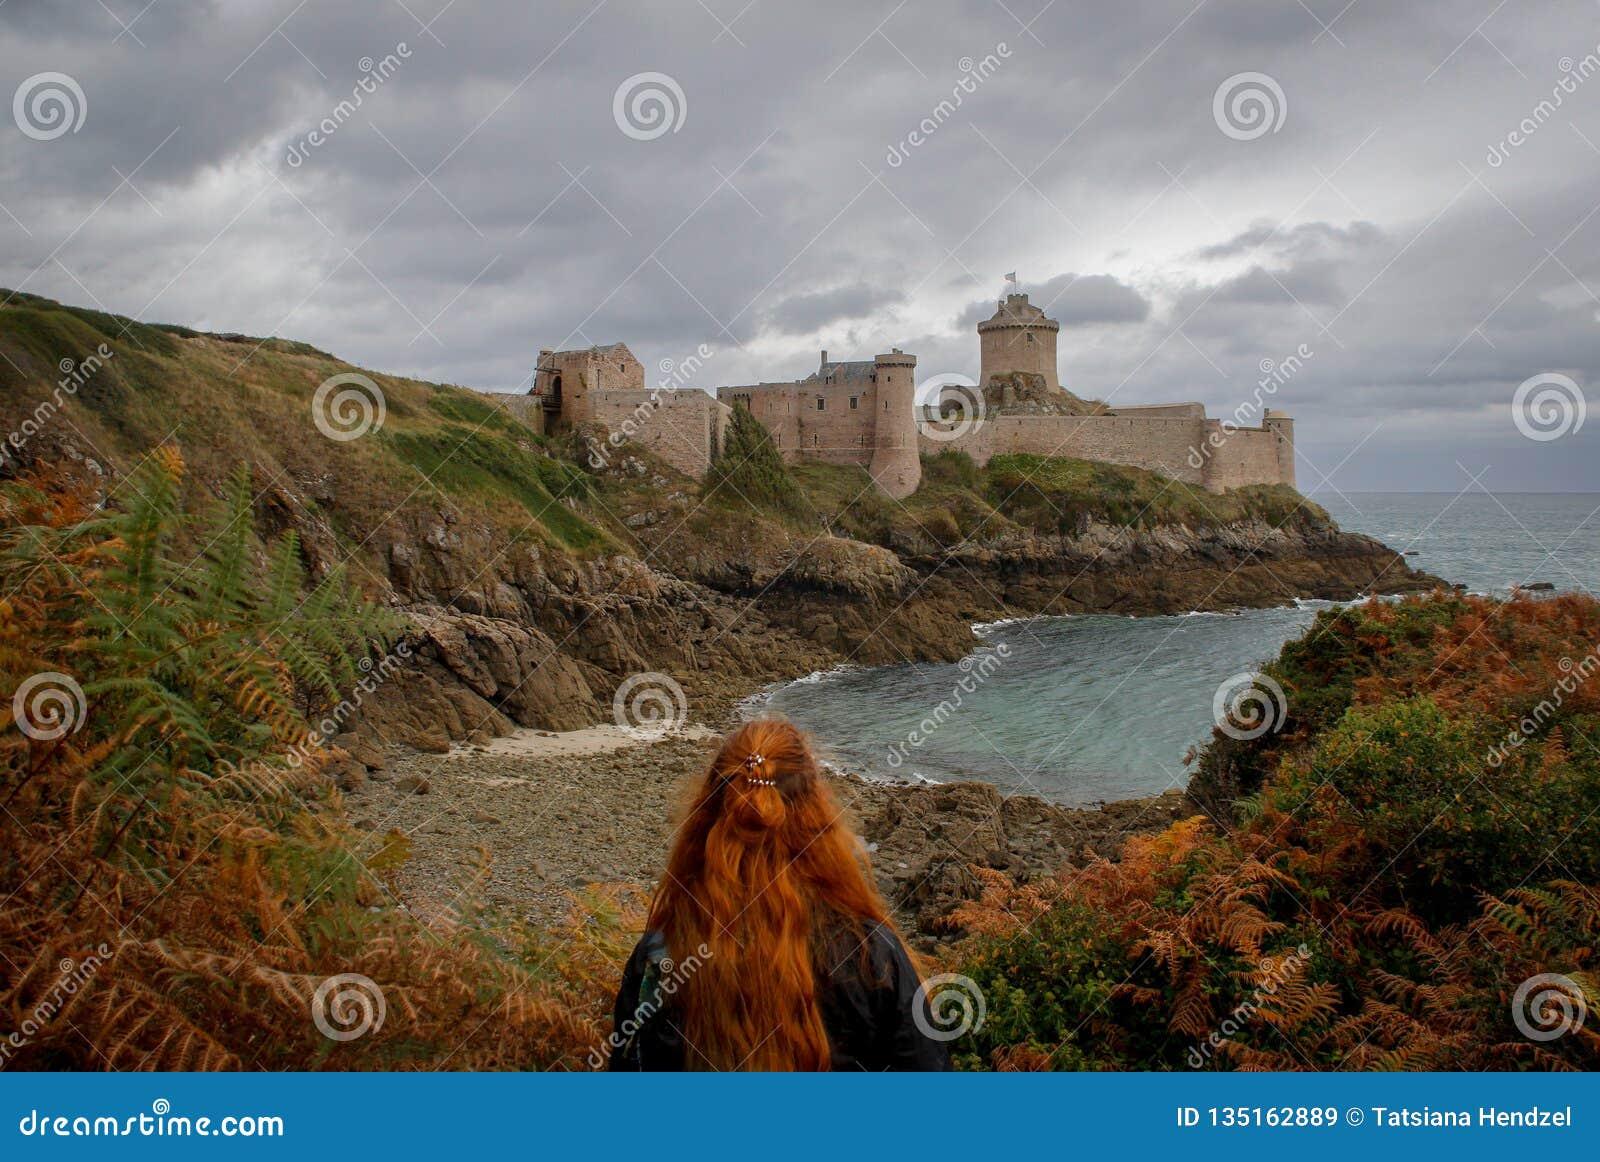 De jonge witte Kaukasische vrouw met lang rood haar bevindt zich tegen de achtergrond van beroemd middeleeuws kasteella Latte van